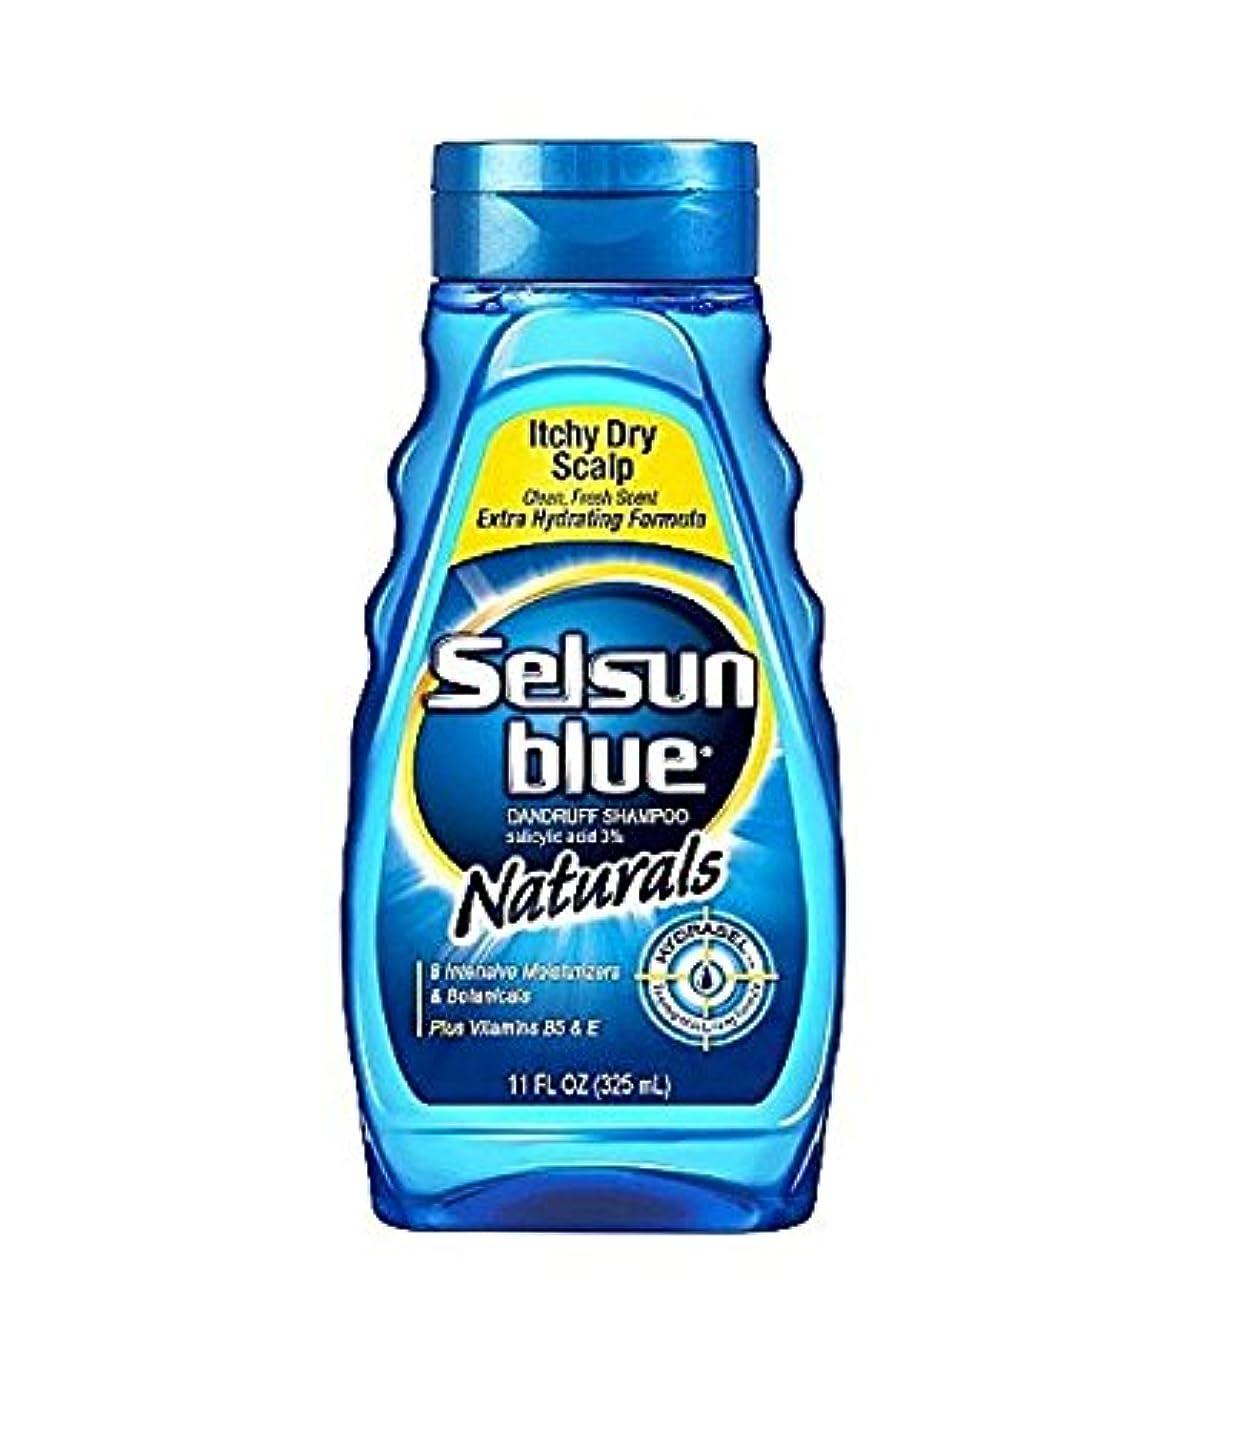 アラスカパトワ雇ったSelsun Blue Naturals Dandruff Shampoo Itchy Dry Scalp 325 ml (並行輸入品)